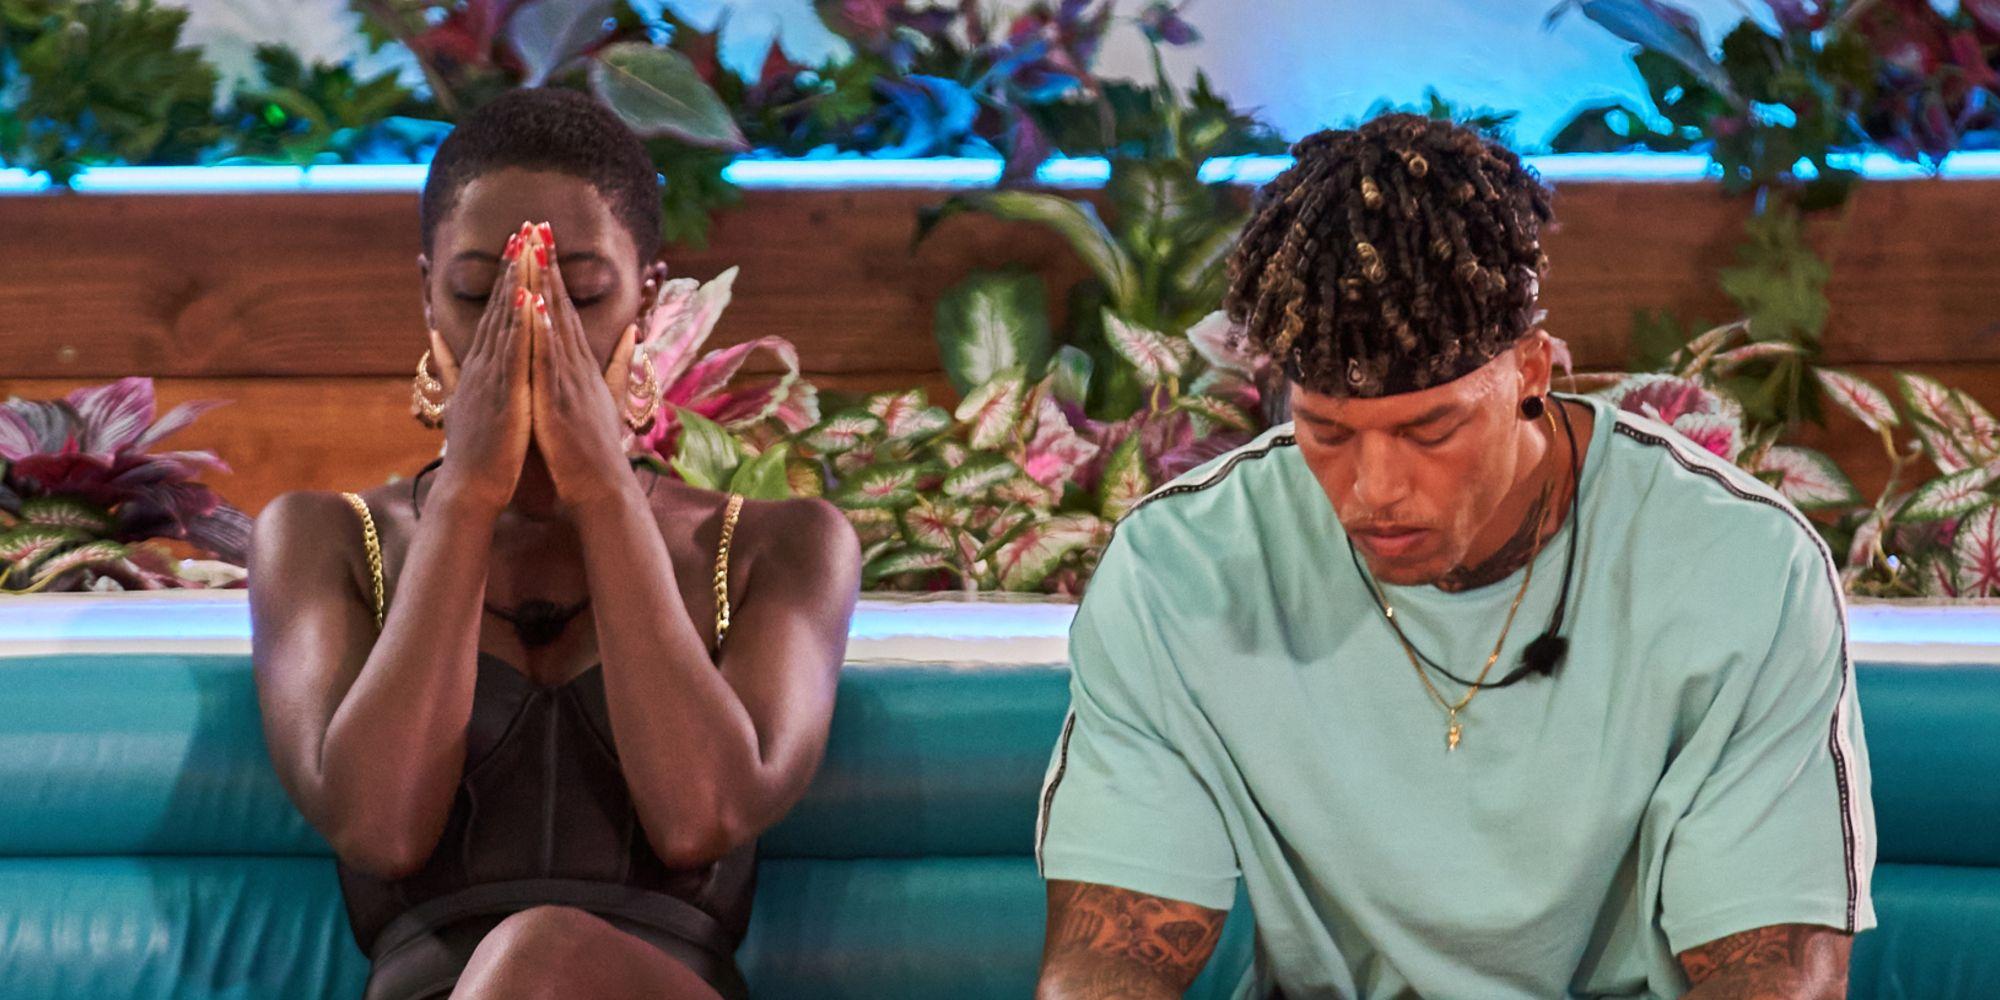 Love Island USA: Season 3 Episode 13 TV Schedule, Streaming Choices & Recap